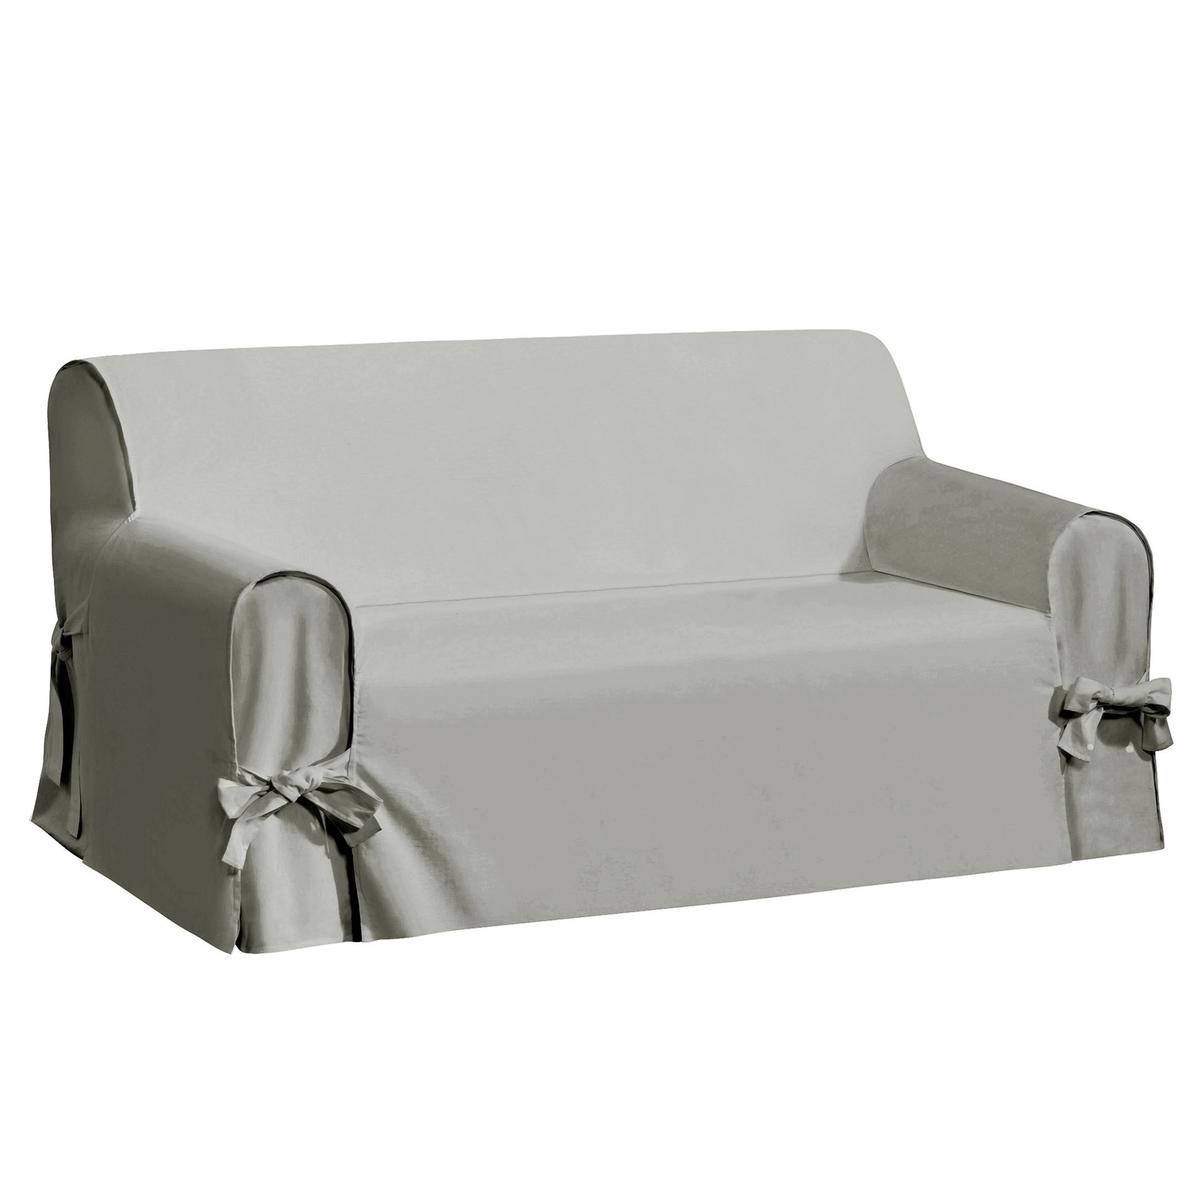 Чехол для диванаКачество VALEUR SURE. Плотная смесовая ткань исключительного качества,  55% льна, 45% хлопка. Общие размеры: общая высота 102 см, глубина сиденья 60 см. Стирка при 40°. Превосходная стойкость цвета к солнечным лучам. 2-местный диван: максимальная ширина 142 см, 2-3-местный диван: максимальная ширина 180 см. 3-местный диван: максимальная ширина 206 см.<br><br>Цвет: антрацит,белый,серо-бежевый,серо-коричневый каштан,серый,экрю<br>Размер: 2 места.3 местн..3 местн..2/3 мест.3 местн..2 места.2 места